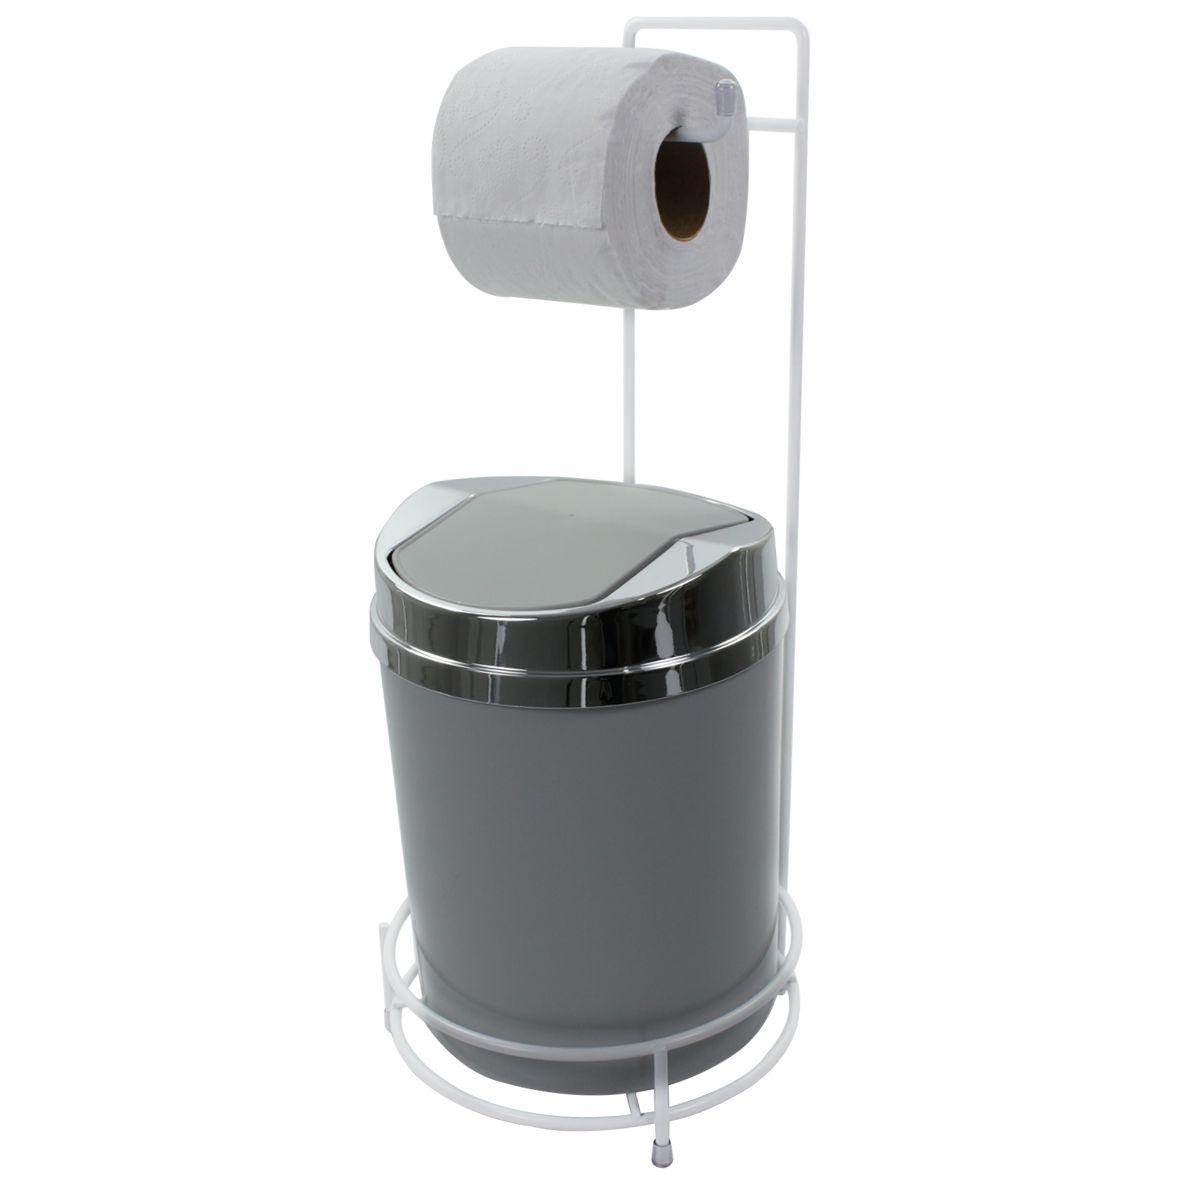 Suporte Para Papel Higiênico Branco Lixeira Basculante Prata 5 Litros